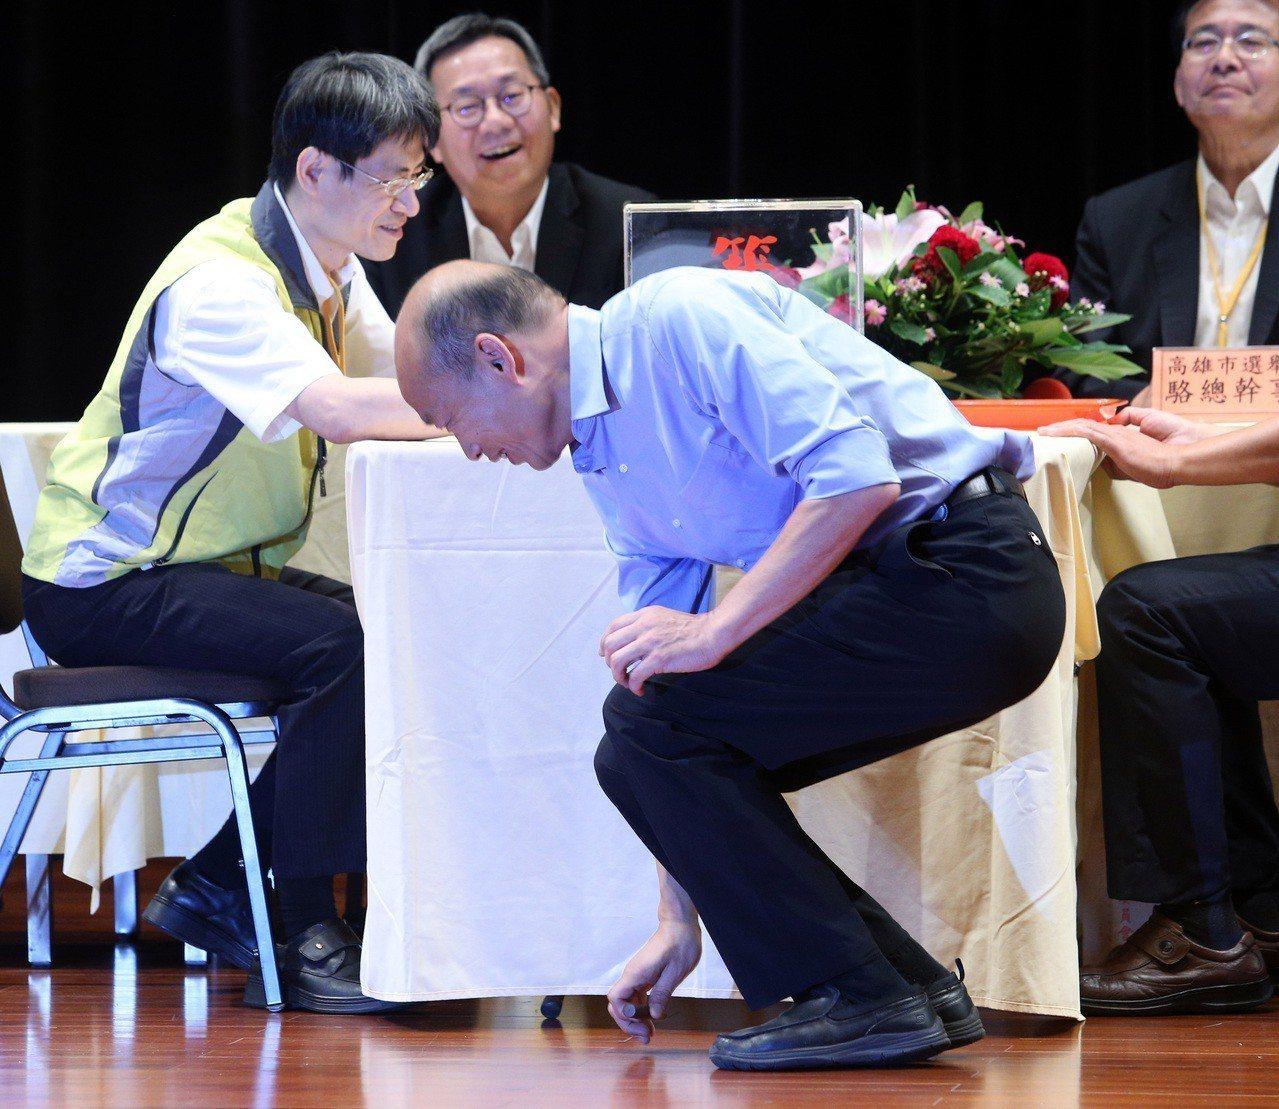 國民黨高雄市長候選人韓國瑜抽籤時, 籤筒掉下來,台下馬上有人送上「及第(地)」的...